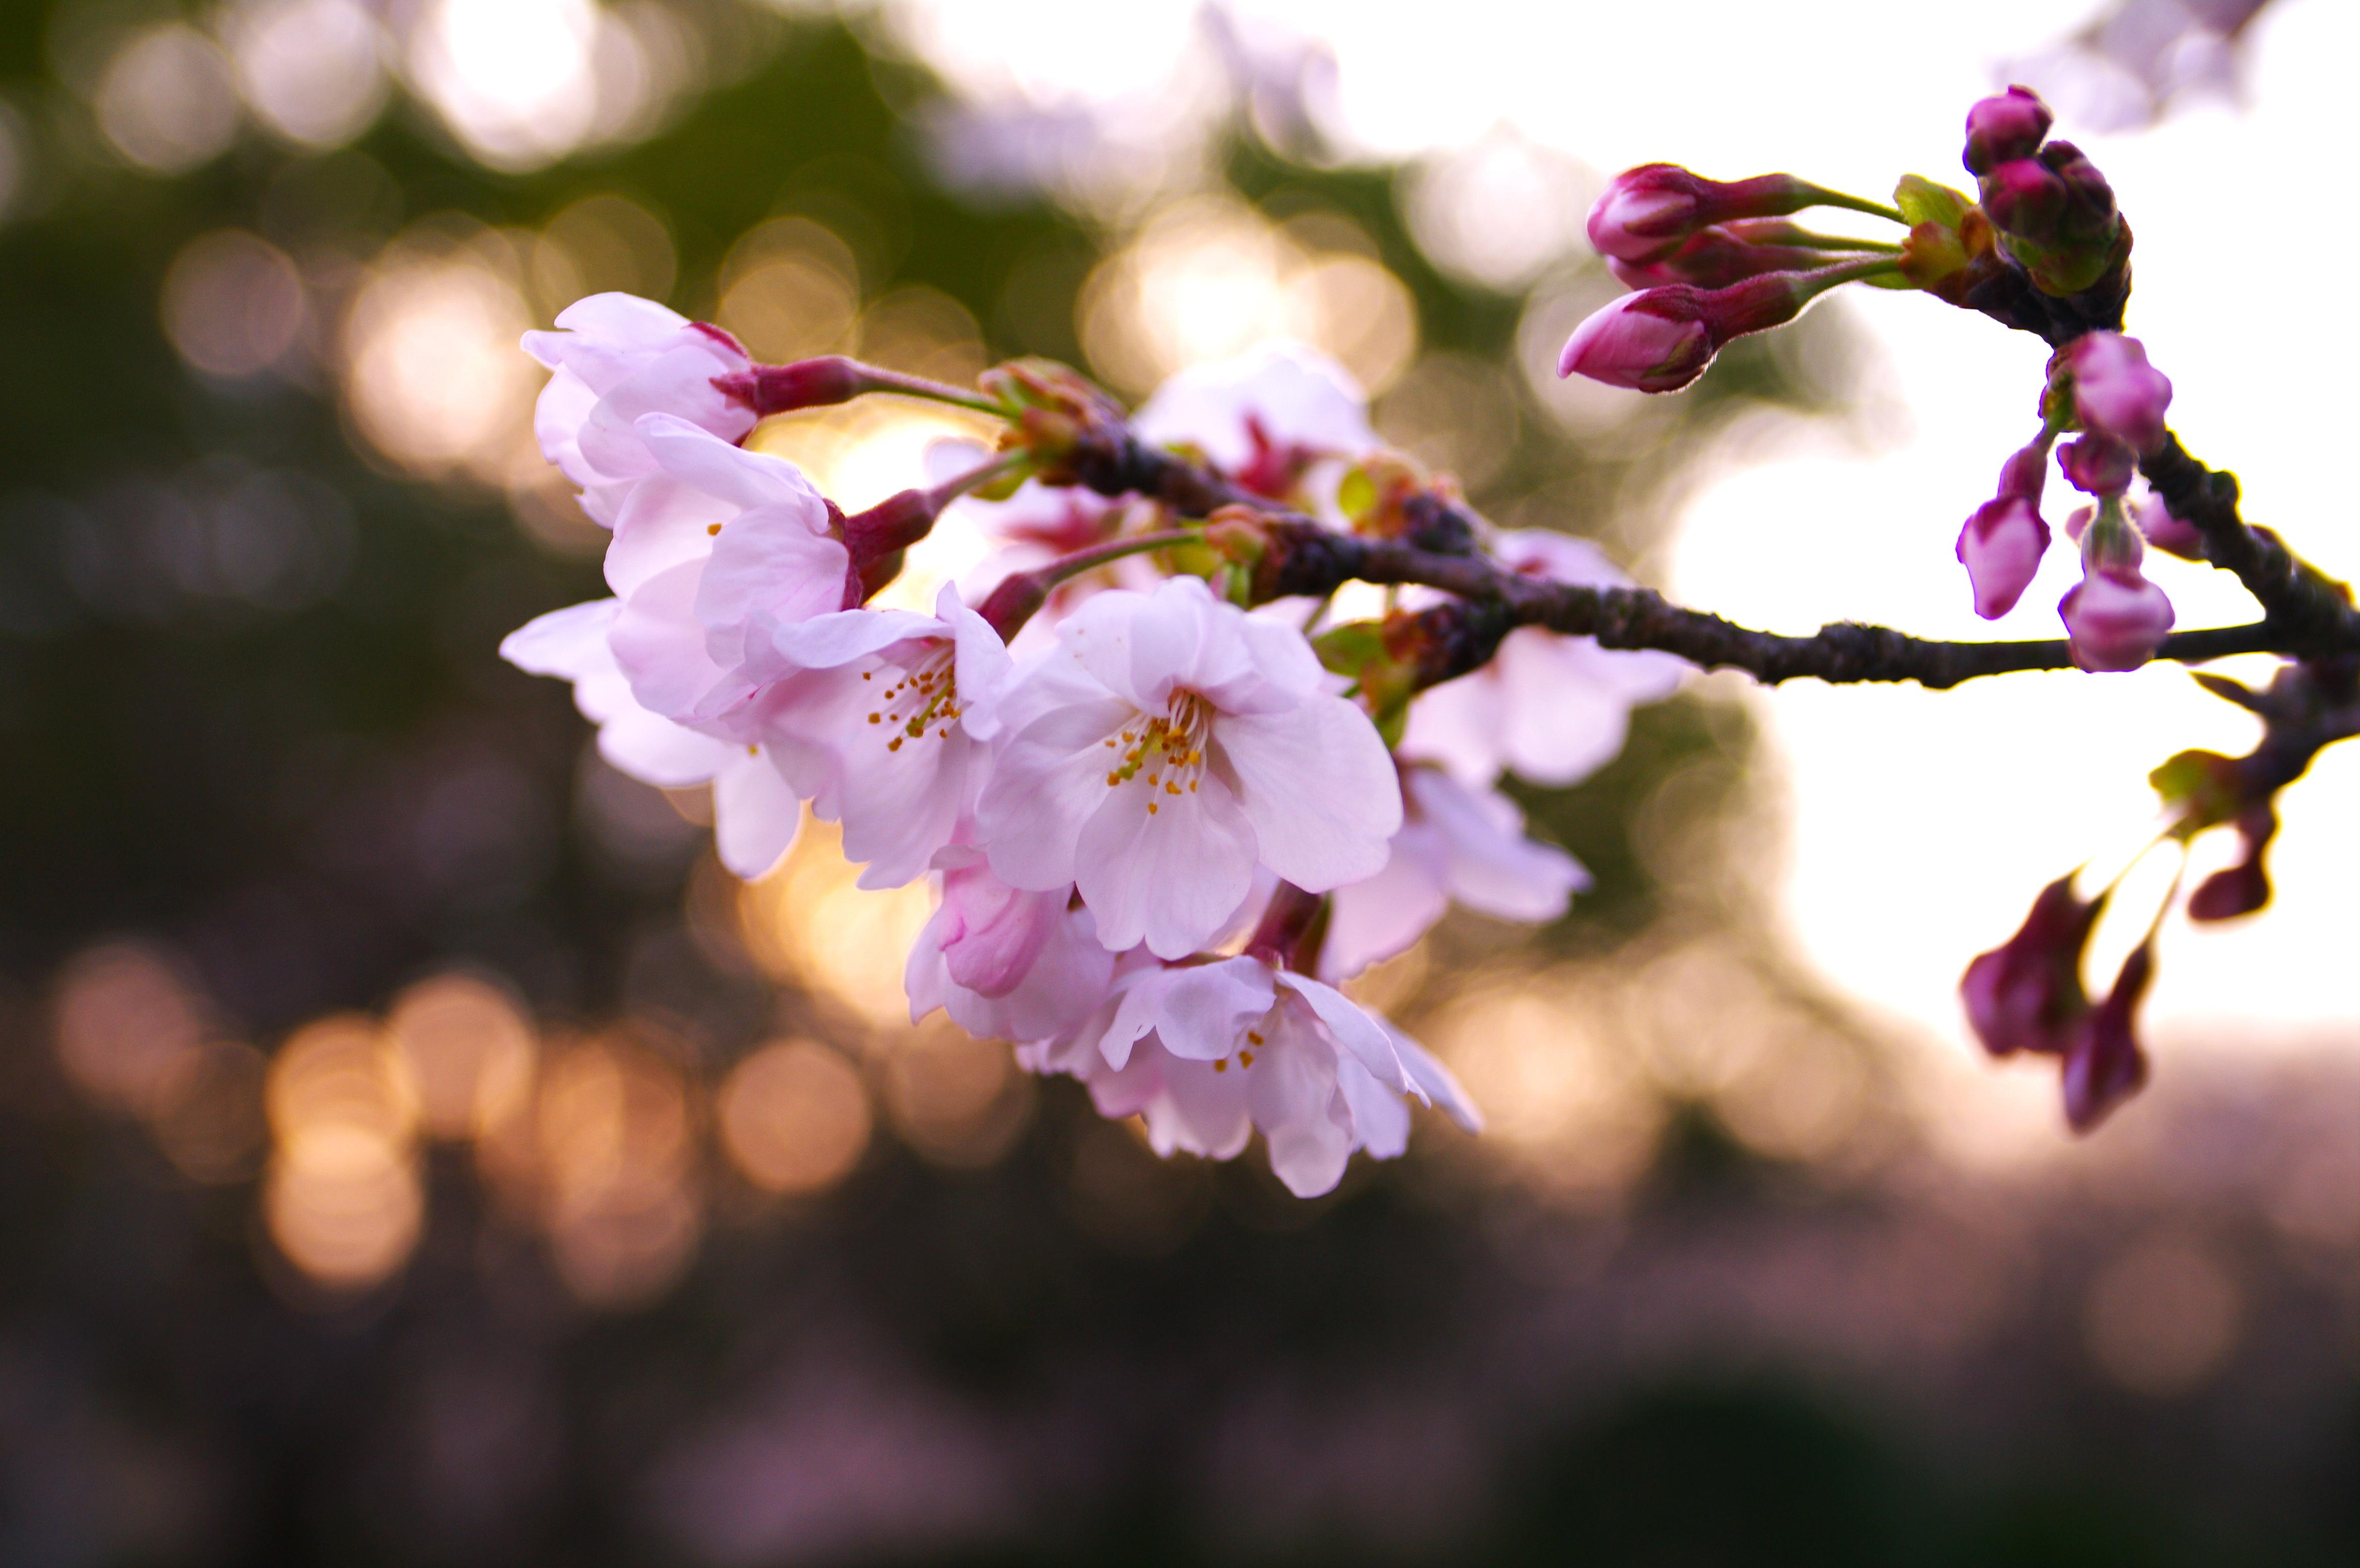 Опавшие лепестки цветения  № 3170380 загрузить